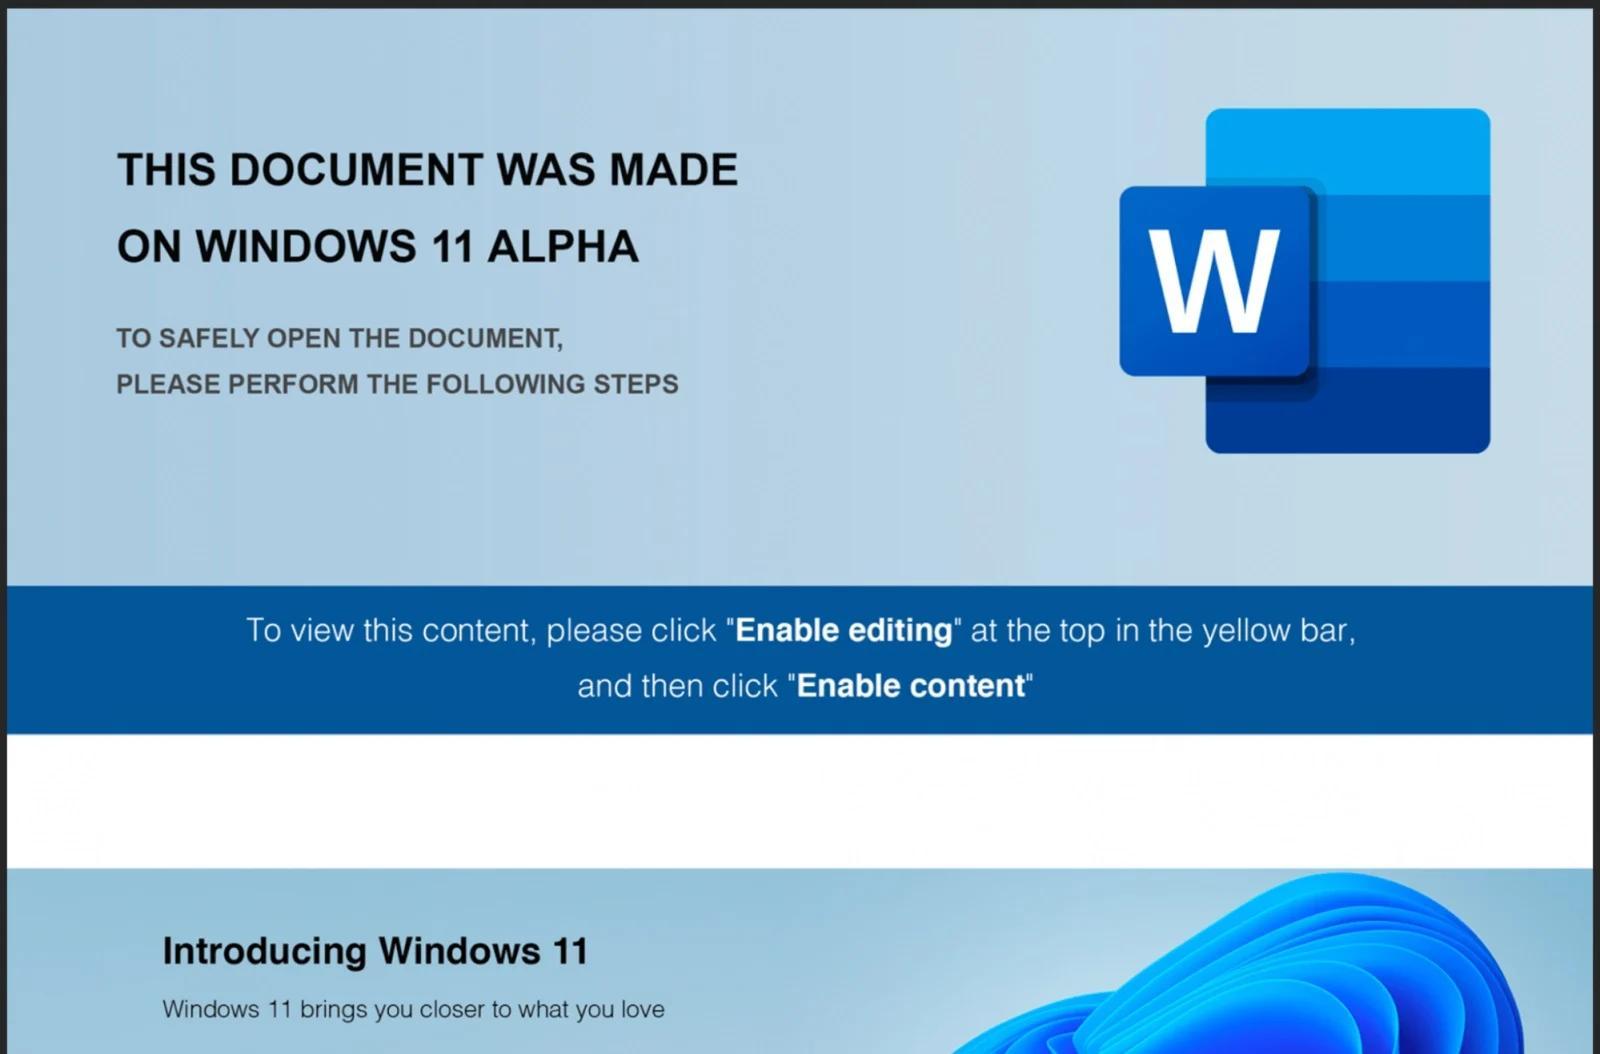 Хакеры заражают ПК, используя Windows 11 вкачестве уловки